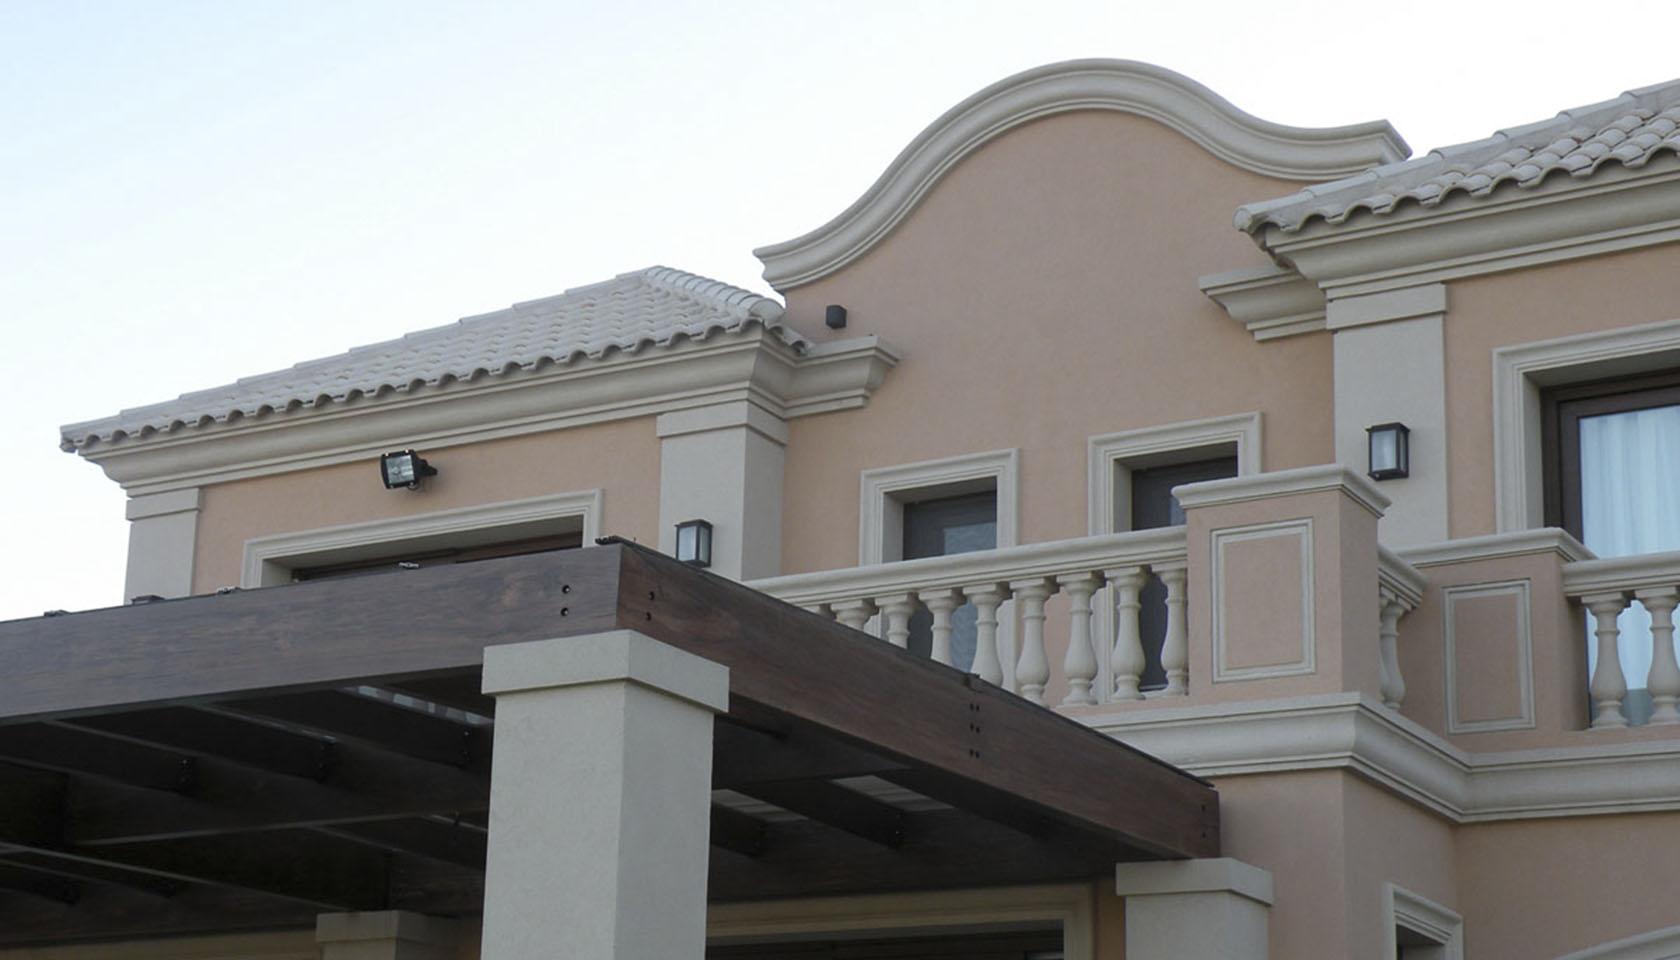 casas con tejas, tejas blancas, fachadas coloniales modernas